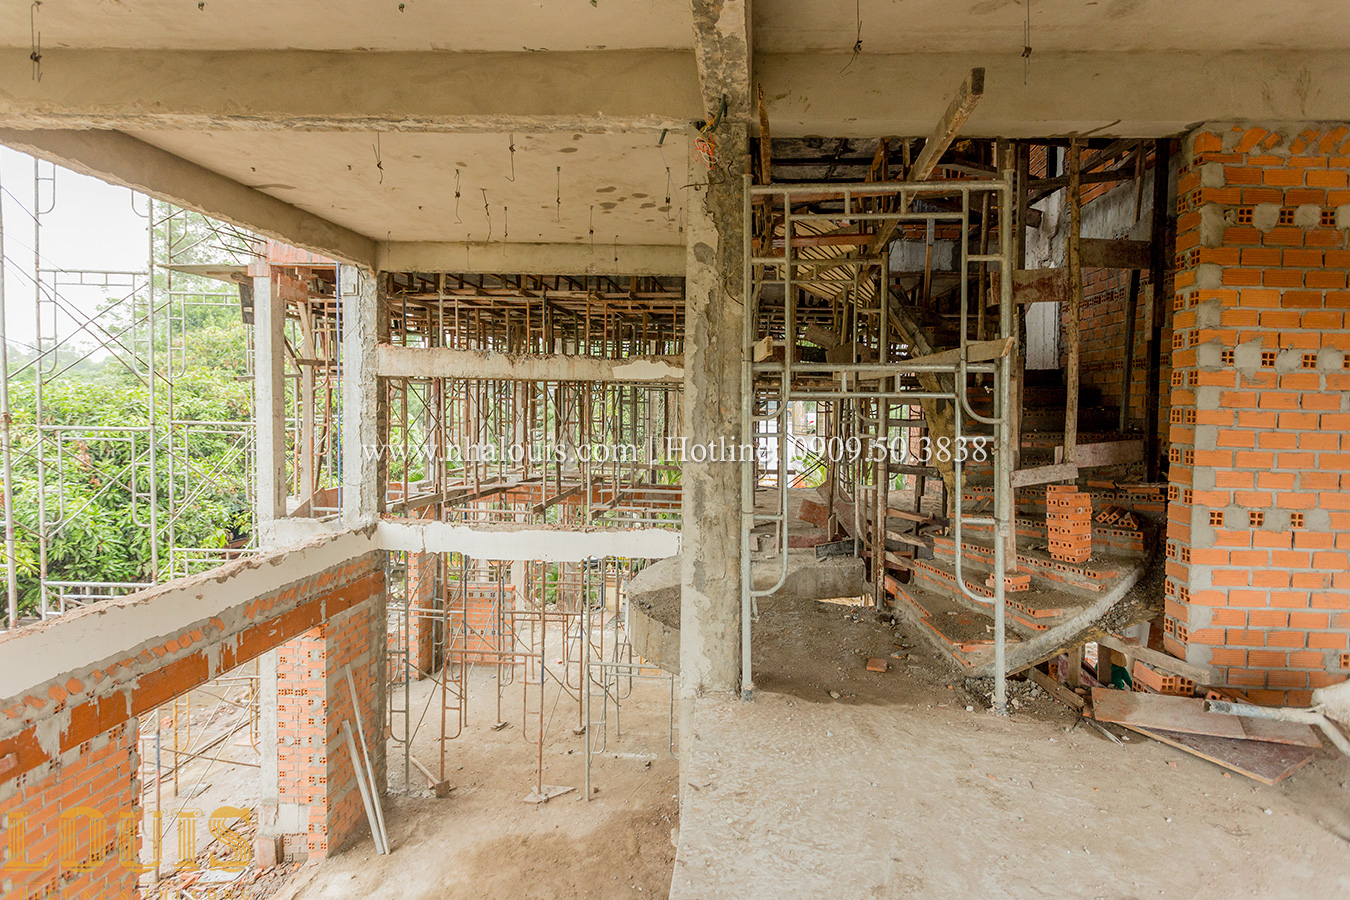 """Thi công cải tạo biệt thự cũ thành """"siêu phẩm"""" ấn tượng tại Đồng Nai"""